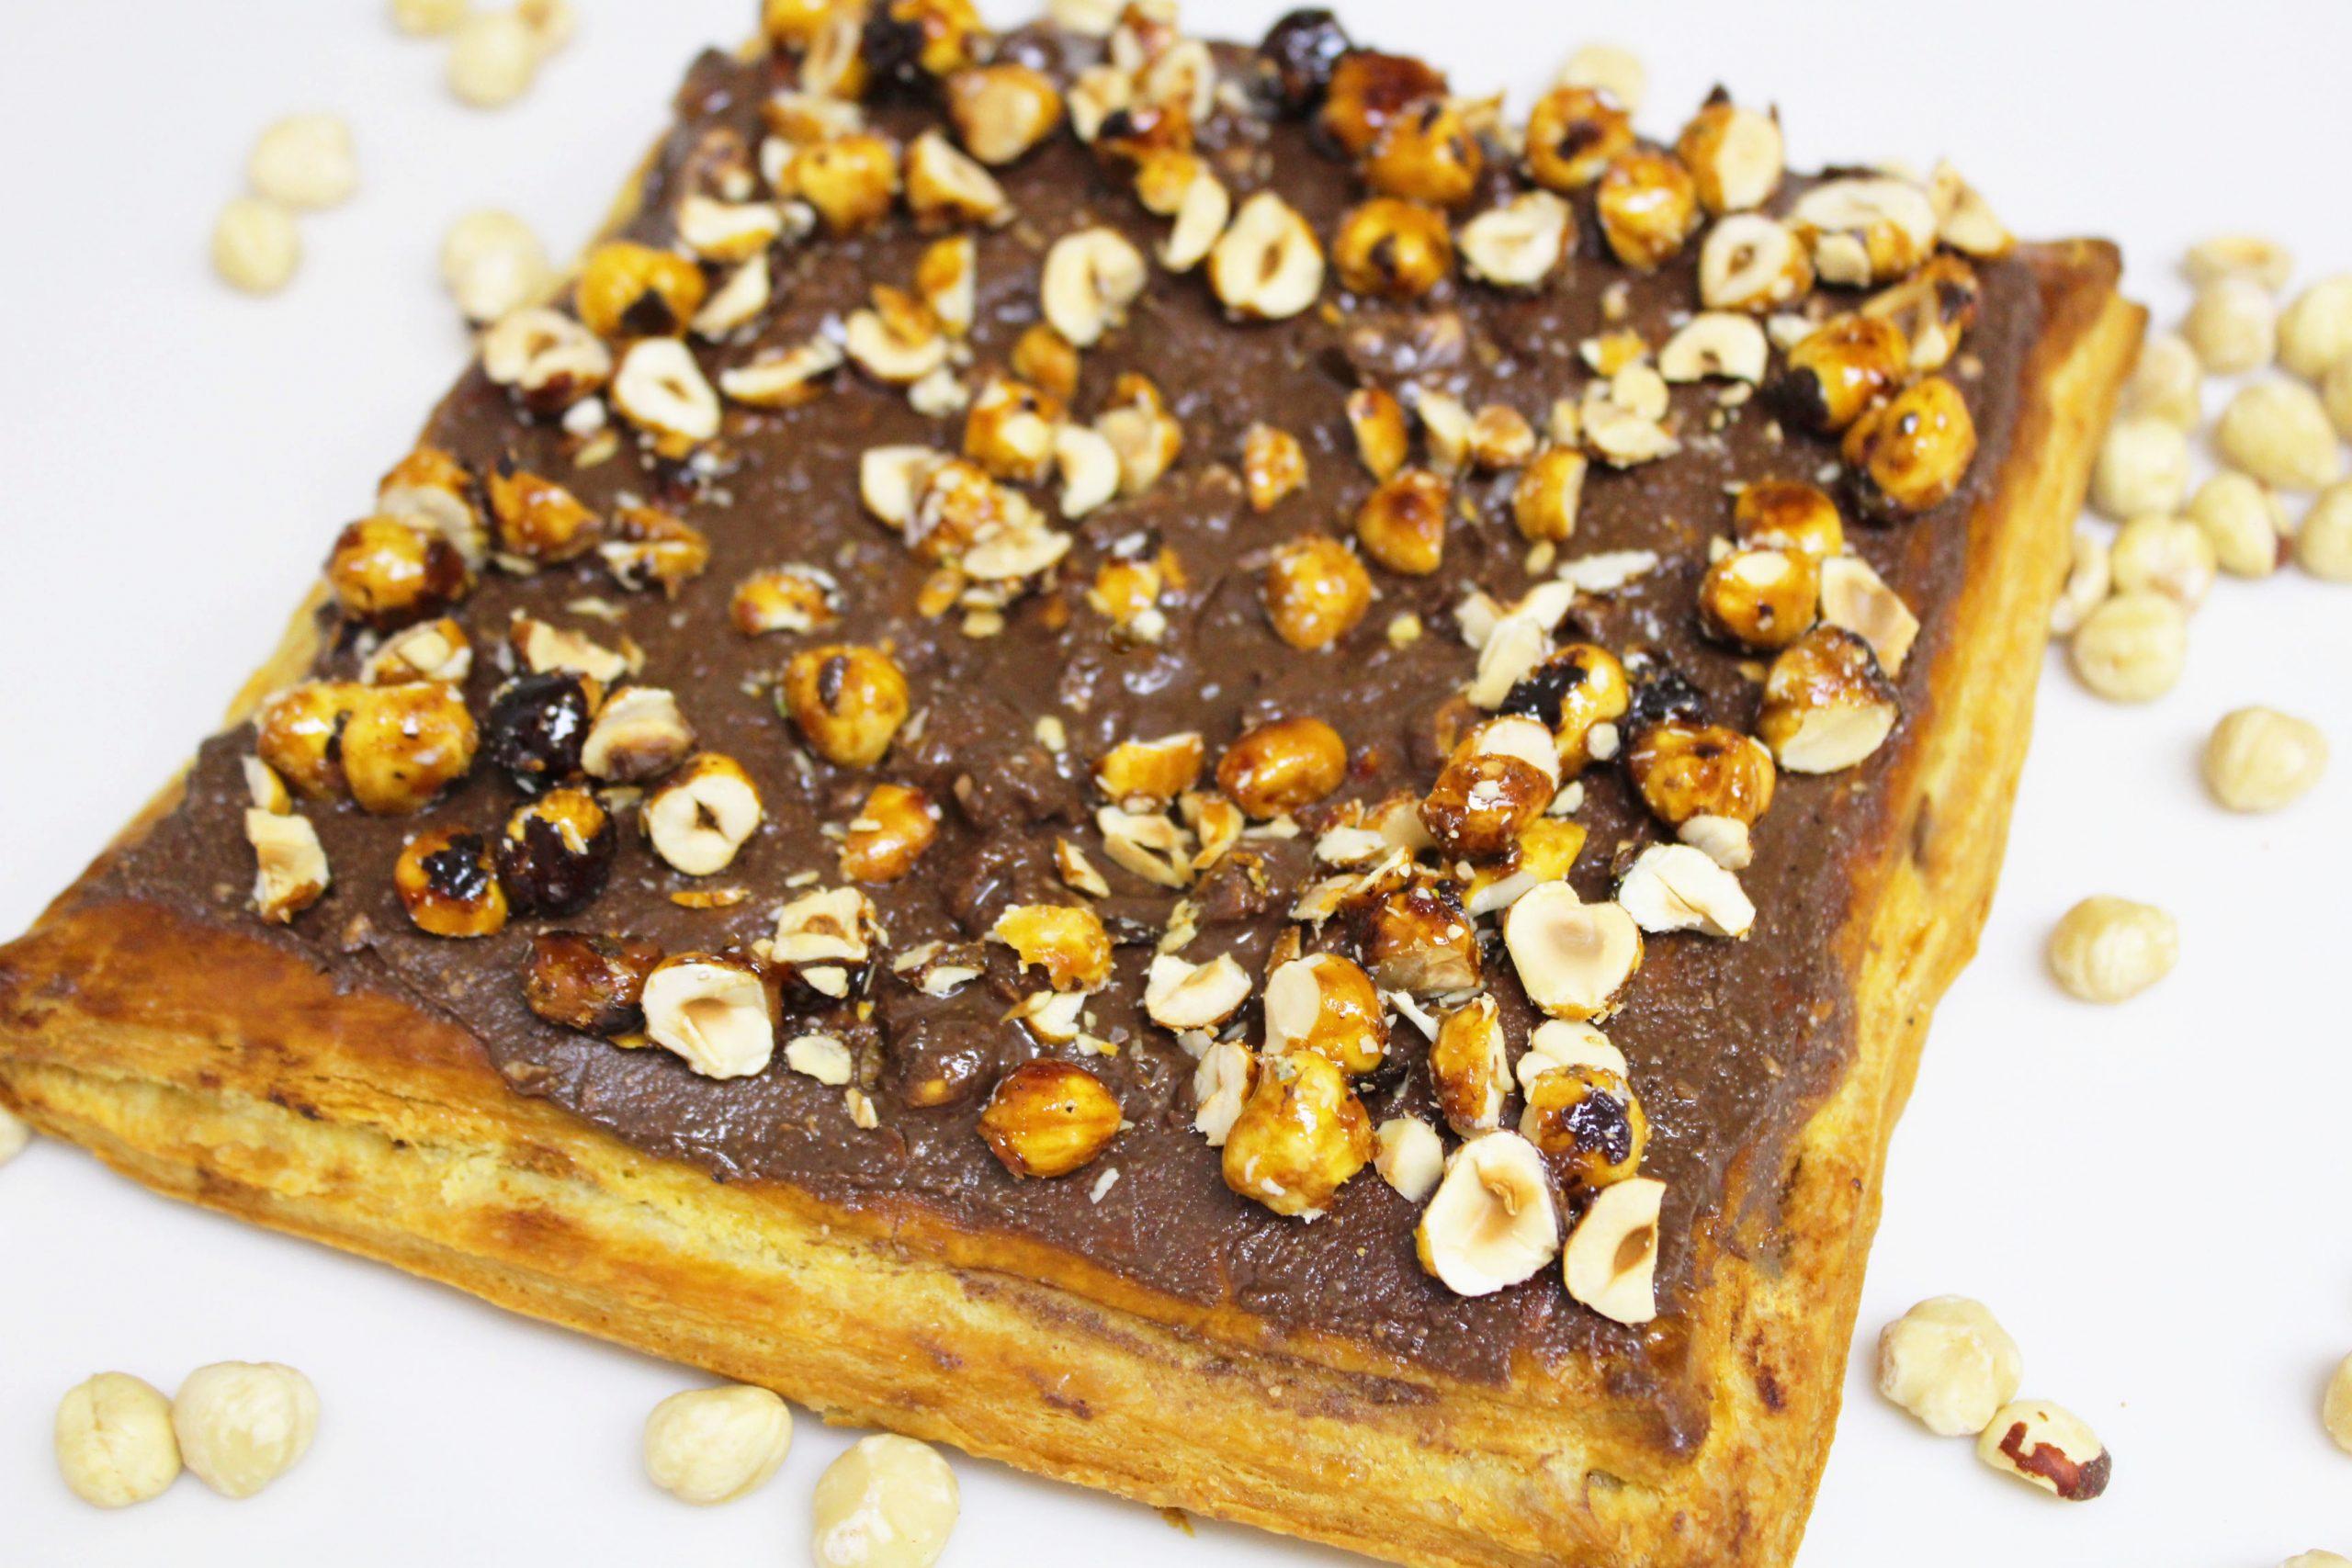 Hazelnut and Chocolate King Cake